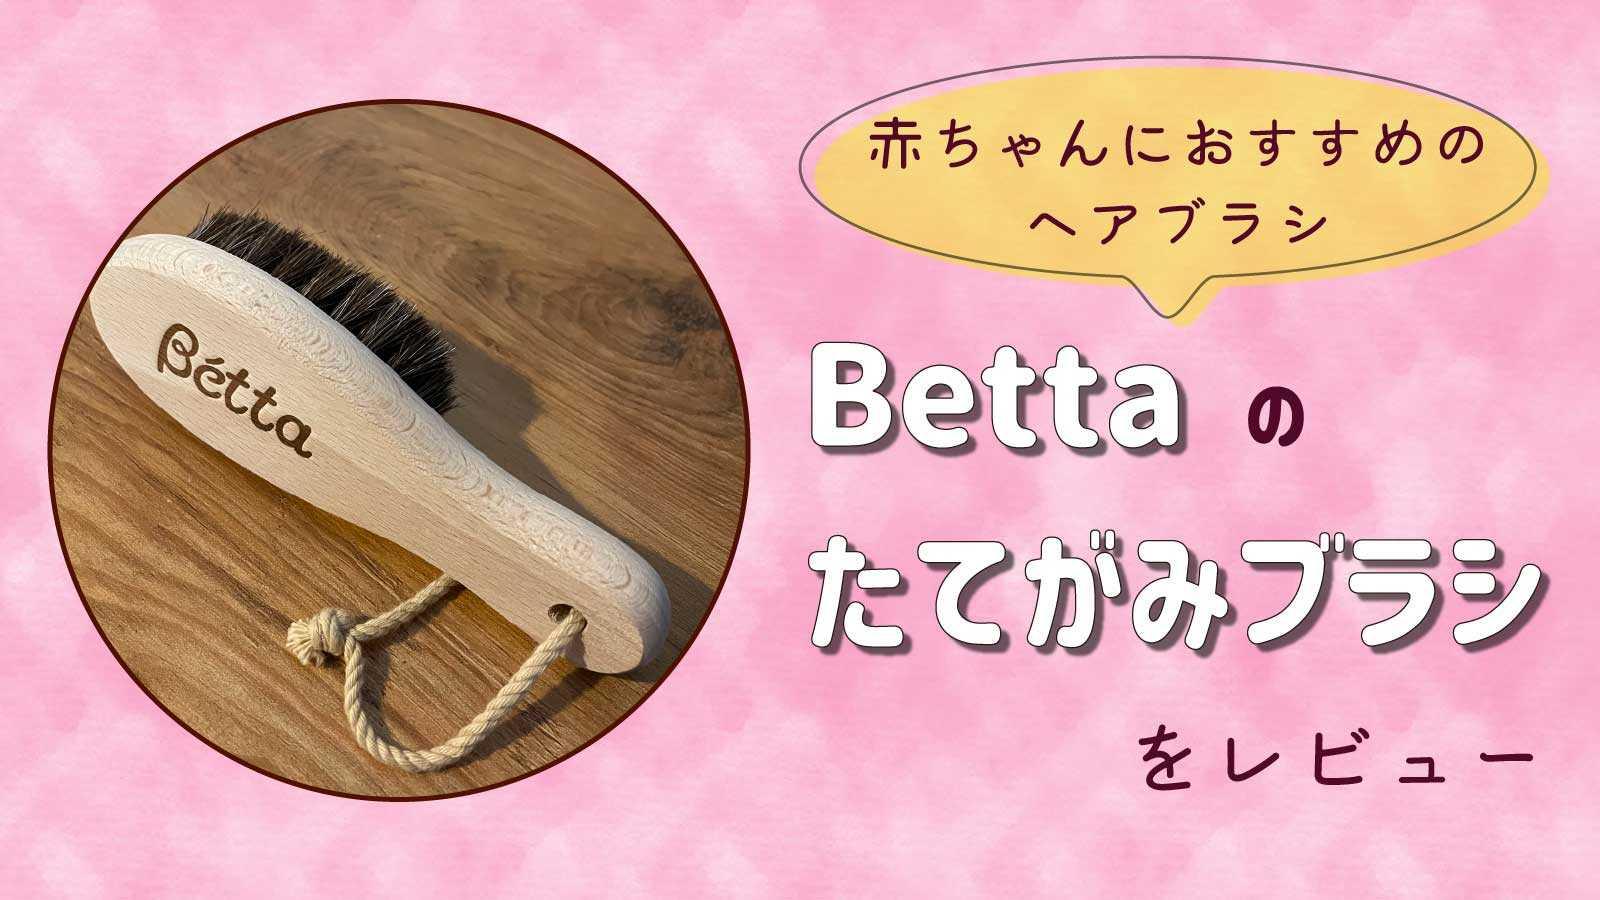 赤ちゃんにおすすめのヘアブラシ。Bettaのたてがみブラシをレビュー